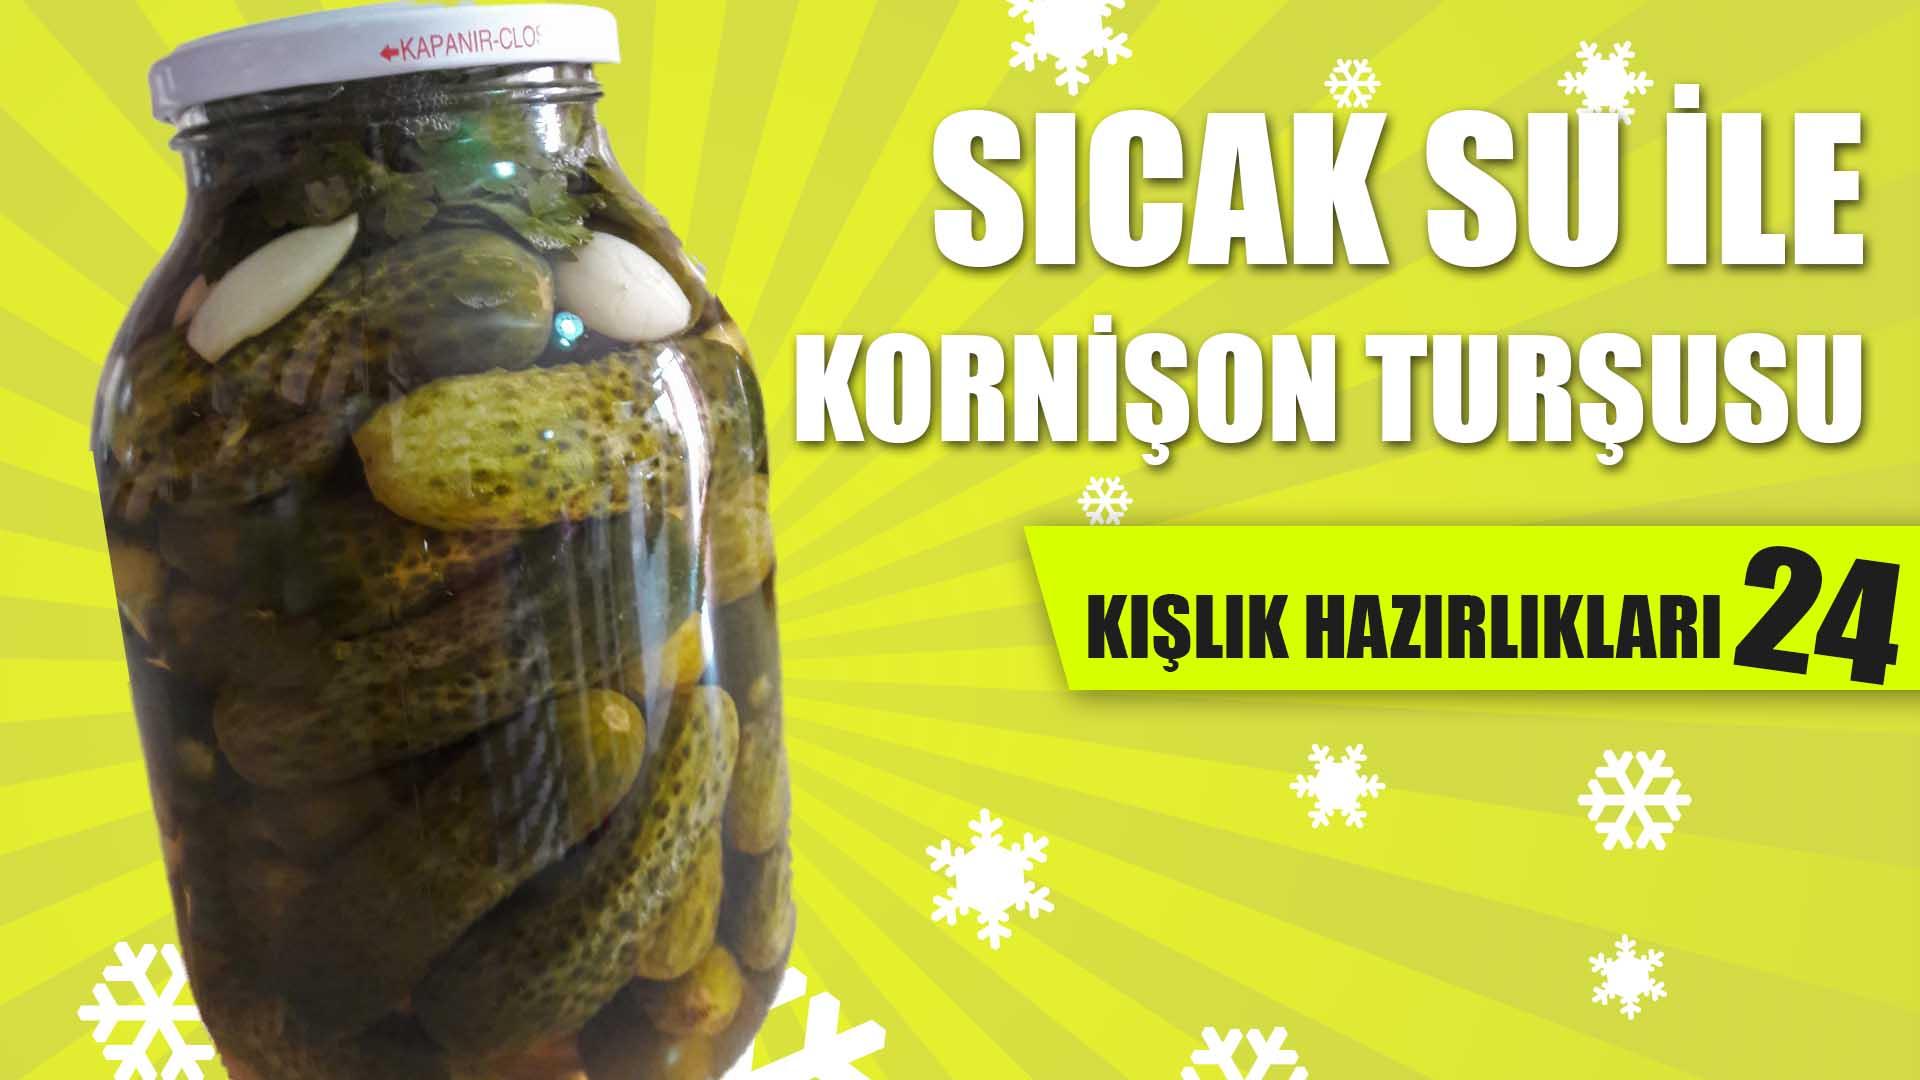 sicak-su-ile-kornison-tursusu-tarifi